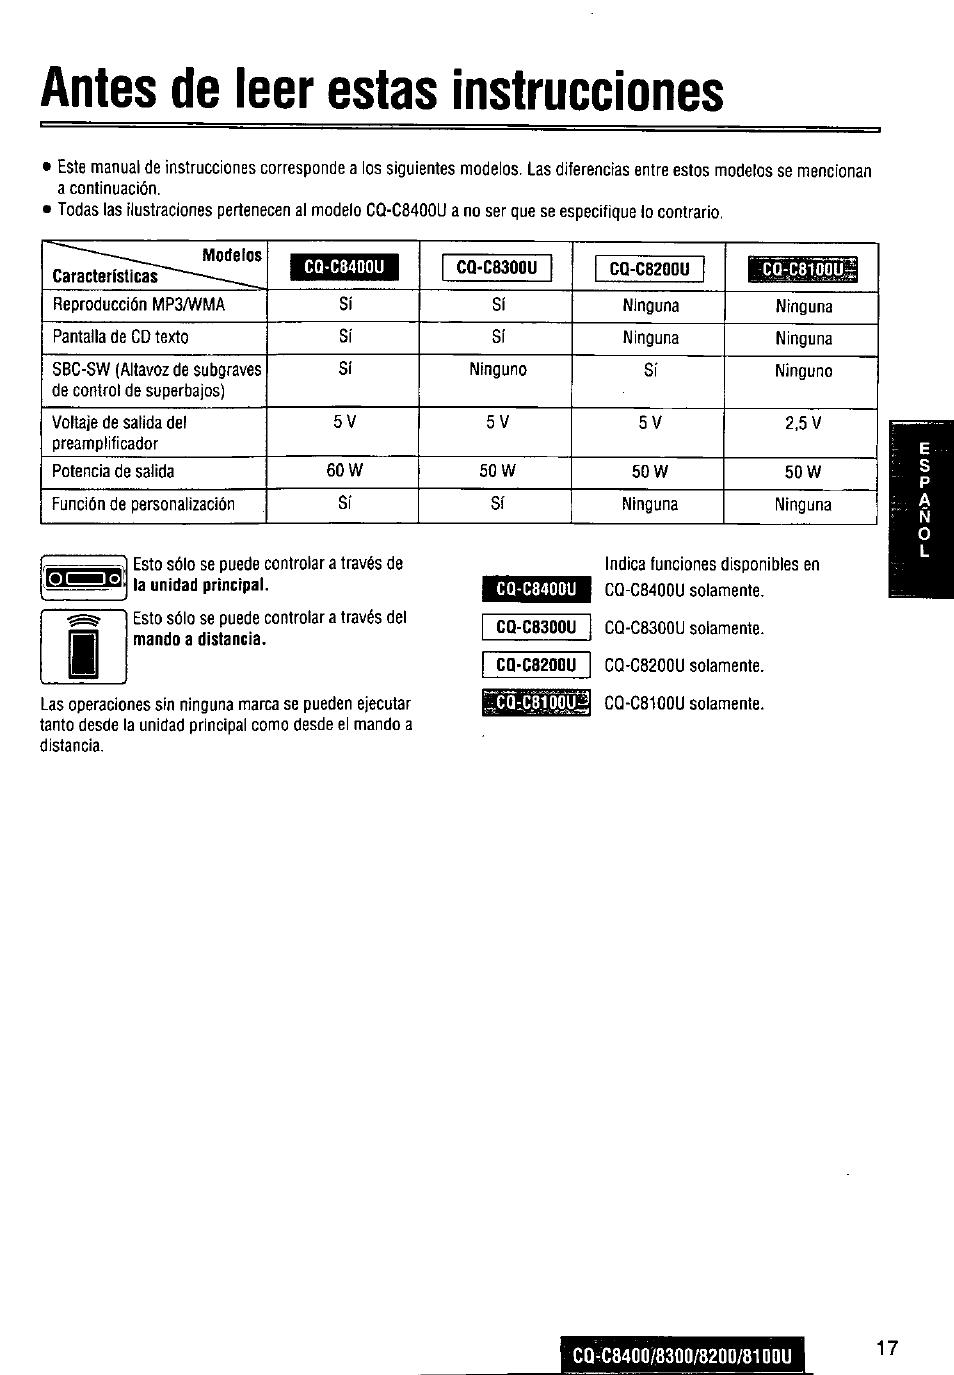 hight resolution of antes de leer estas instrucciones cq c8300u cq c820qu panasonic cq